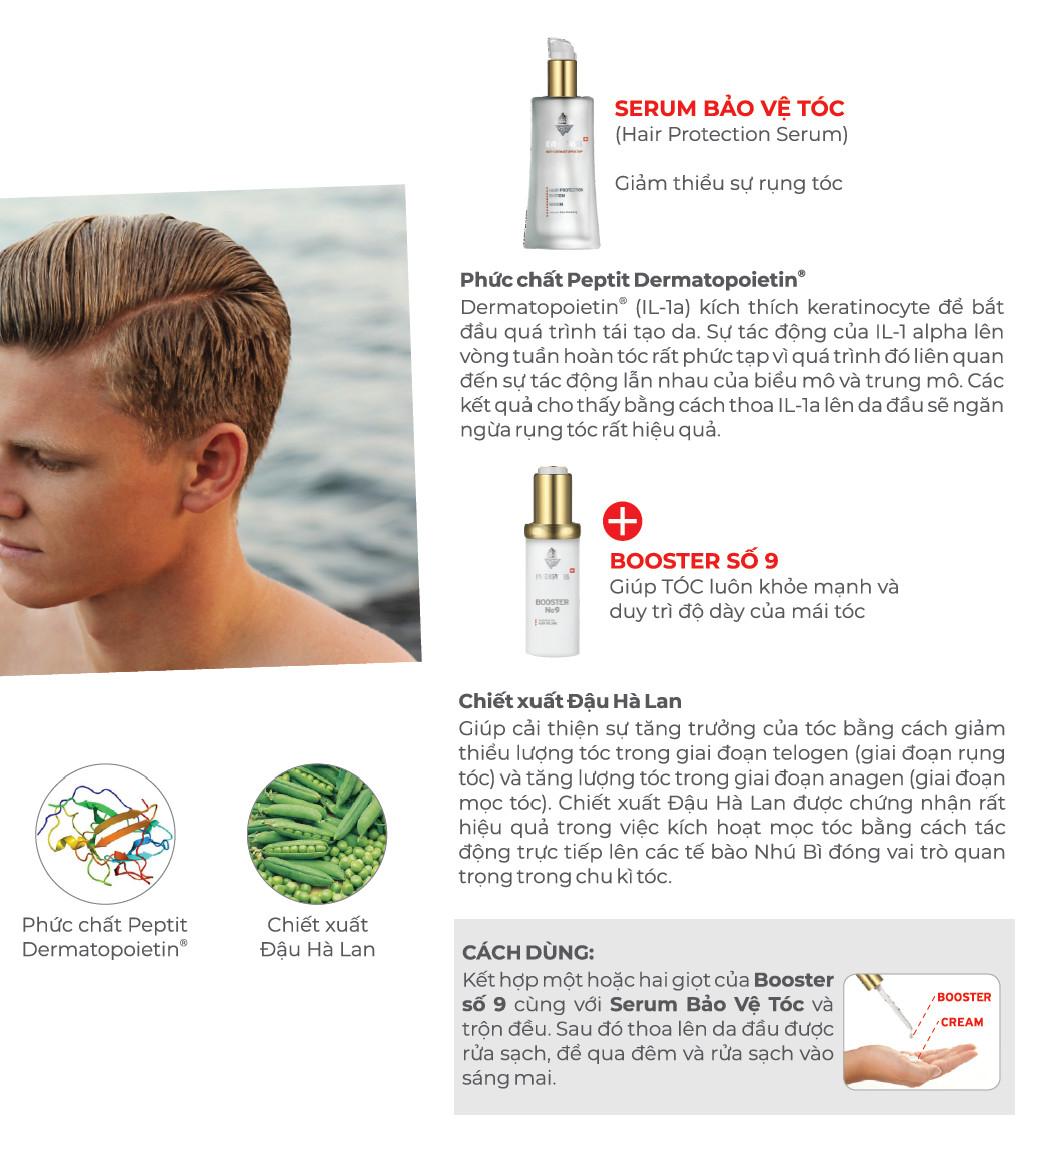 Serum Ngăn Ngừa Rụng Và Làm Dày Tóc - EVENSWISS HAIR PROTECTION SYSTEM SERUM từ Thụy Sĩ 50ml